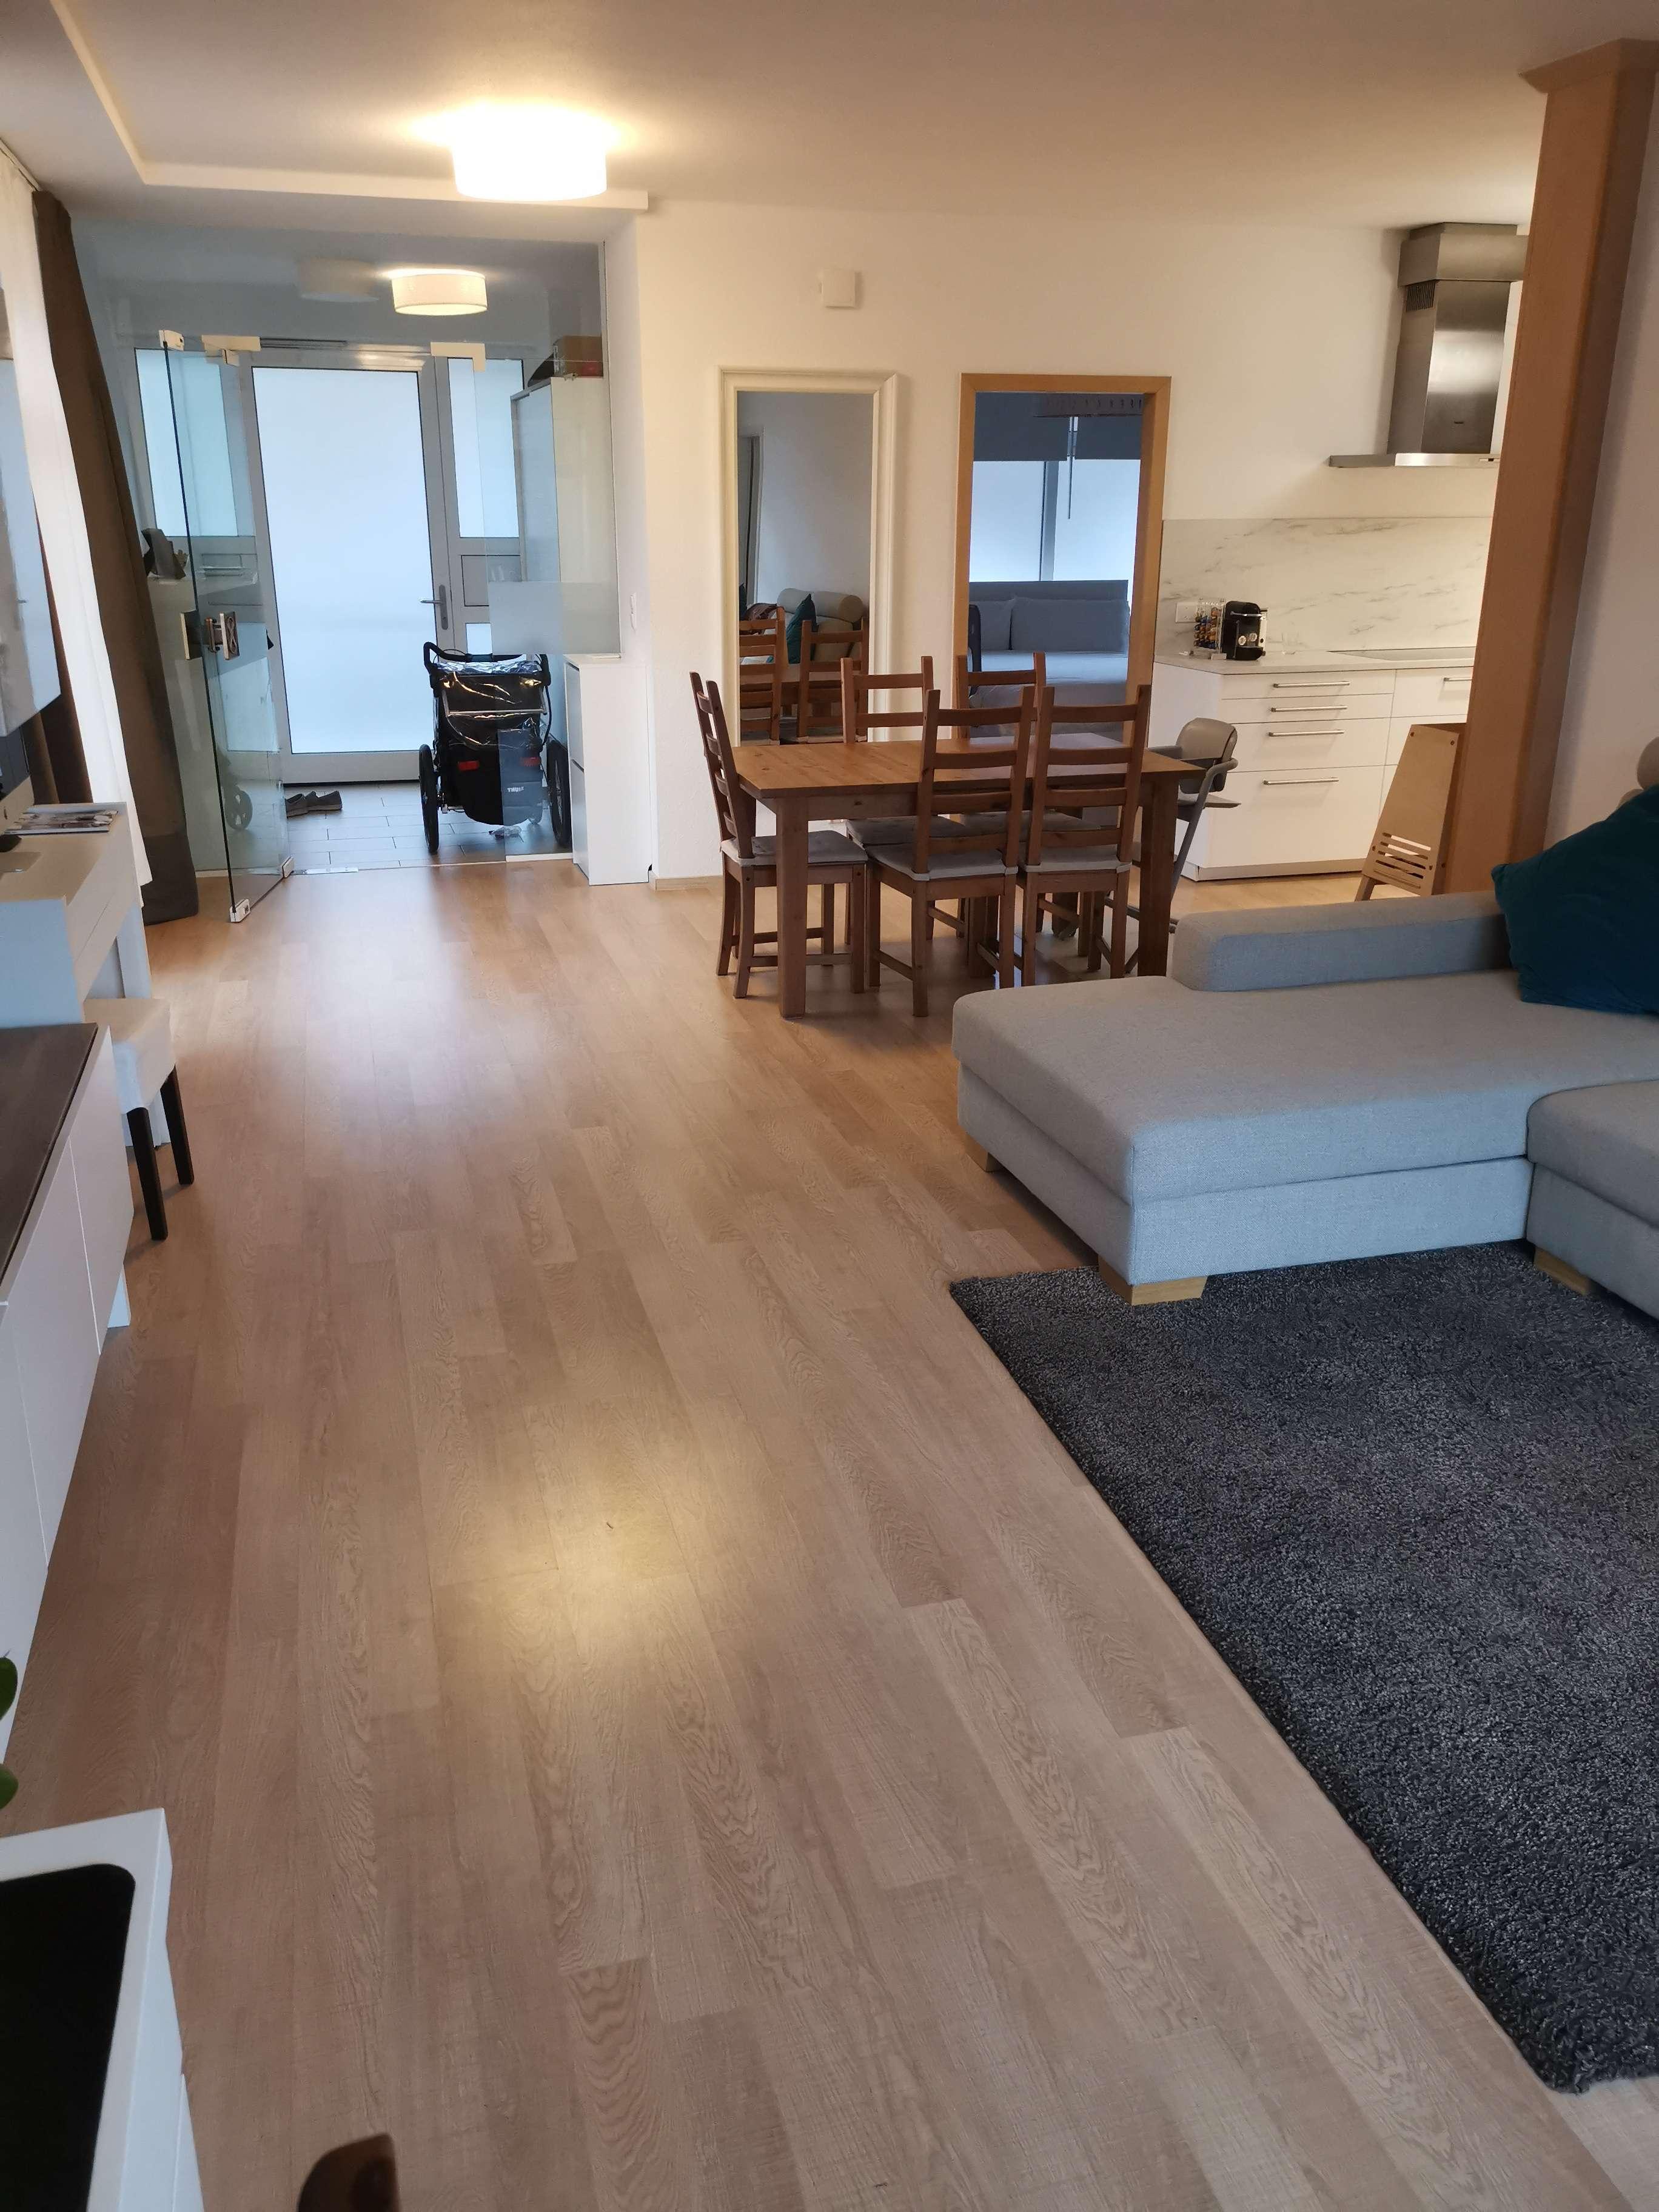 Neuwertige EG-Wohnung mit 3,5 Zimmern sowie Balkon und Einbauküche in Bayreuth in